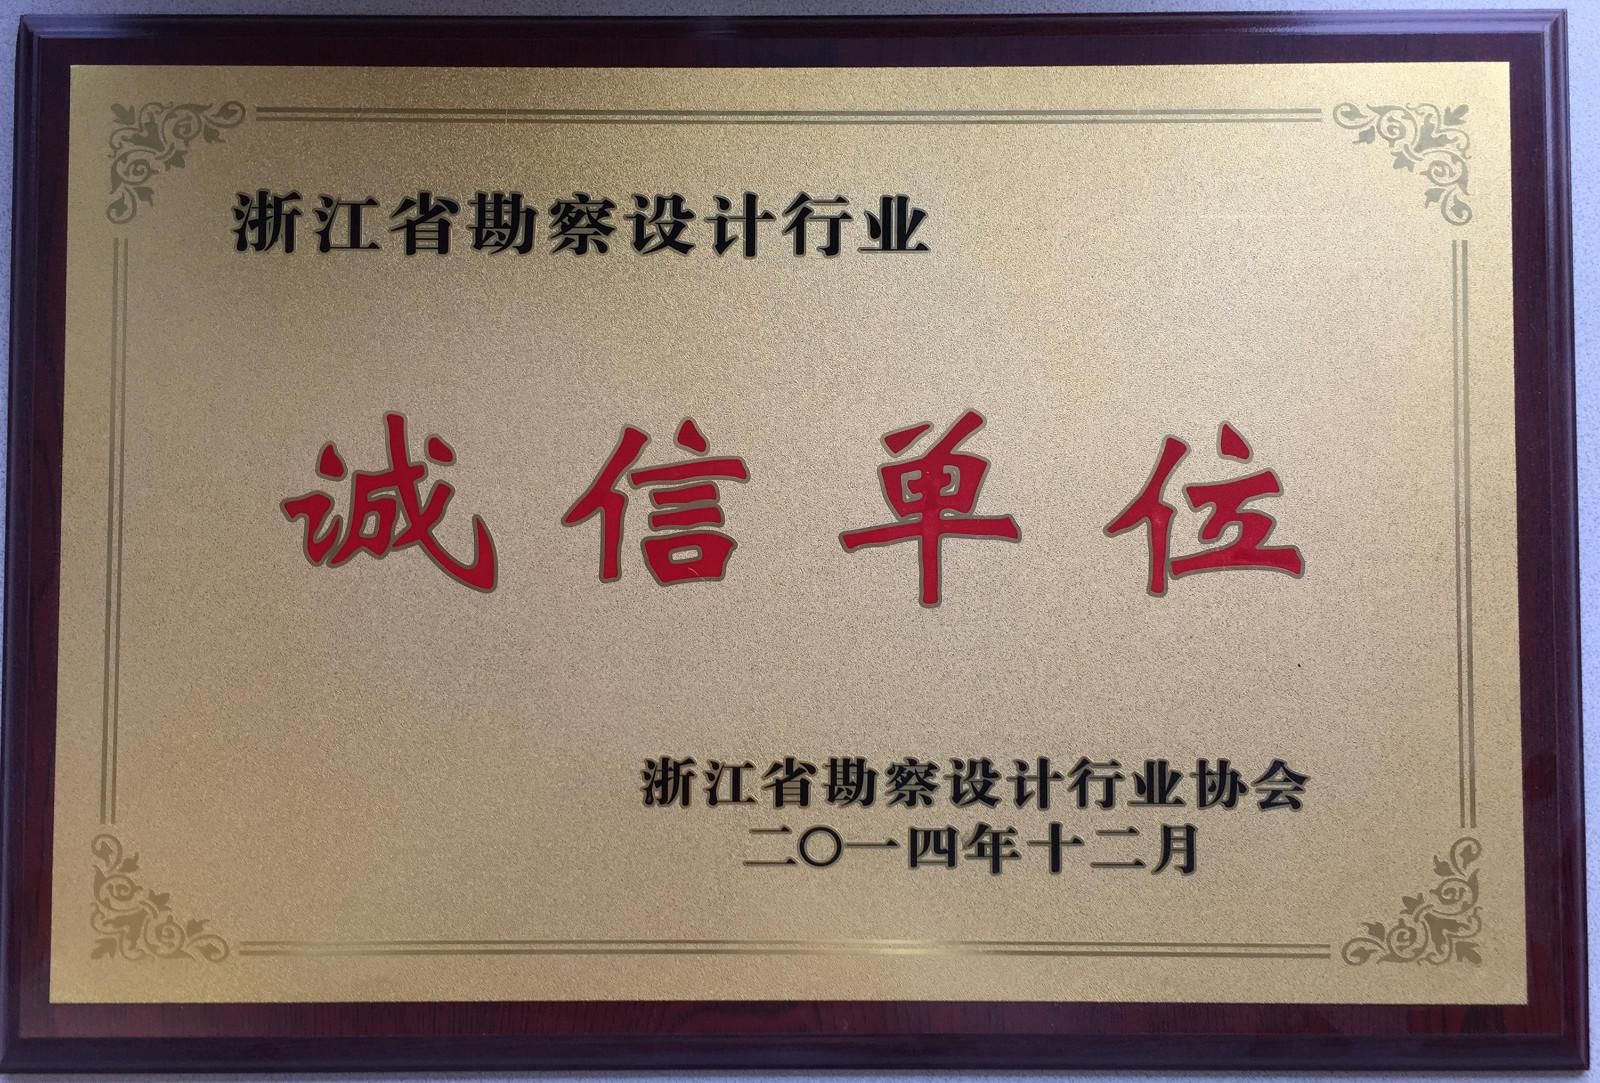 031-2014-全省勘察设计行业诚信单位-奖牌.jpg